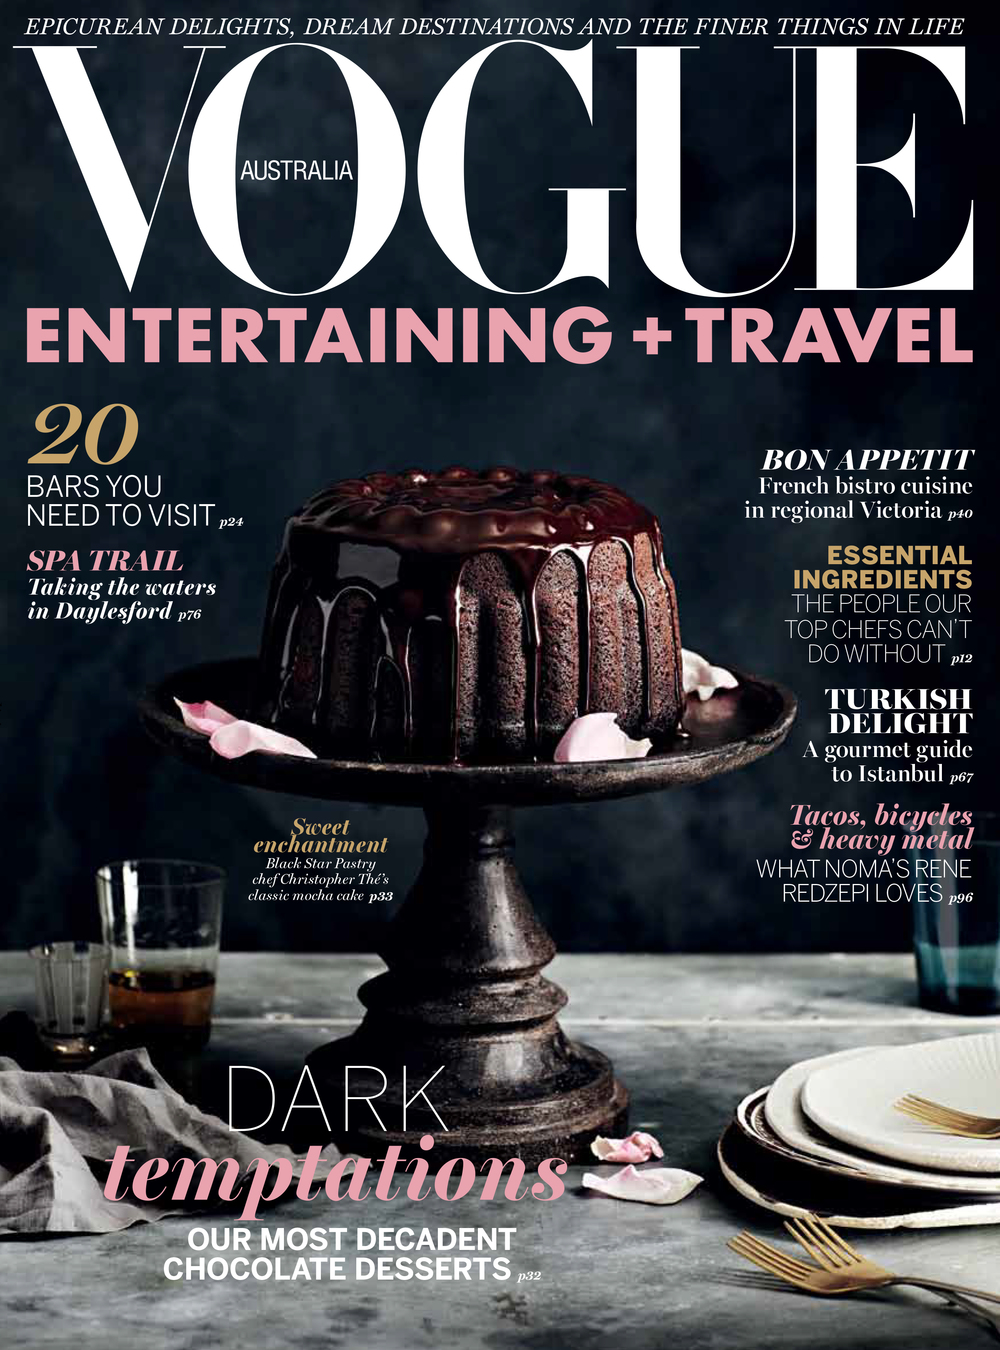 VET Travel News_May June 2014_cover.jpg